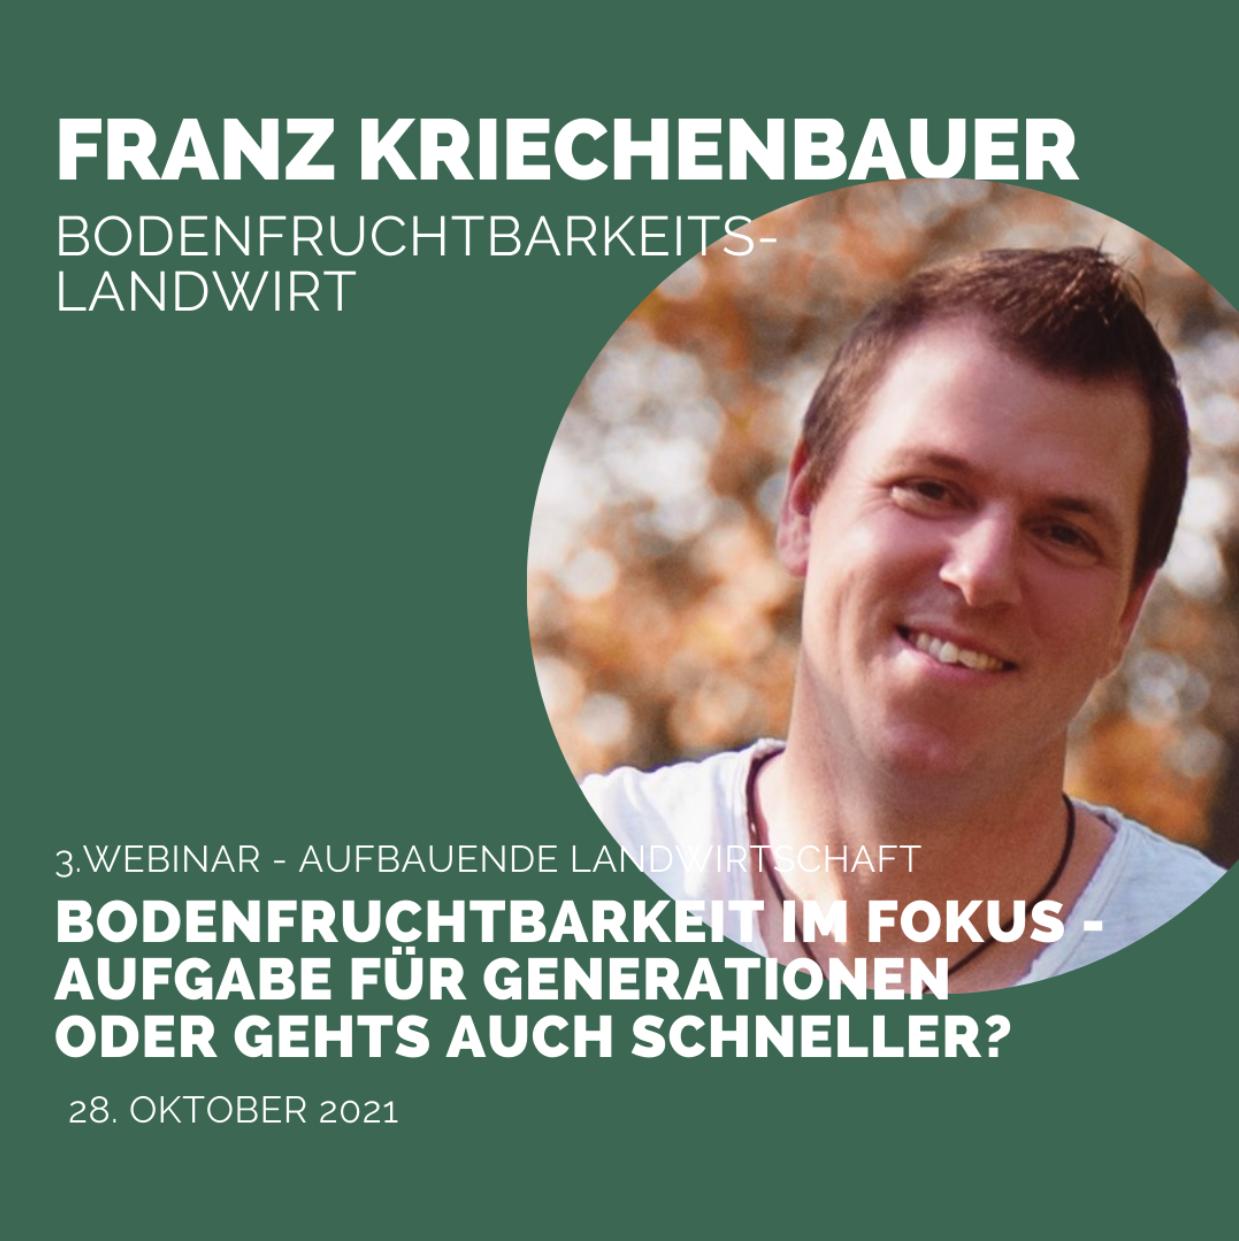 Morgen in unserer 7. Webinar-Reihe »Aufbauende Landwirtschaft«: Franz Kriechenbauer – Bodenfruchtbarkeits-Landwirt